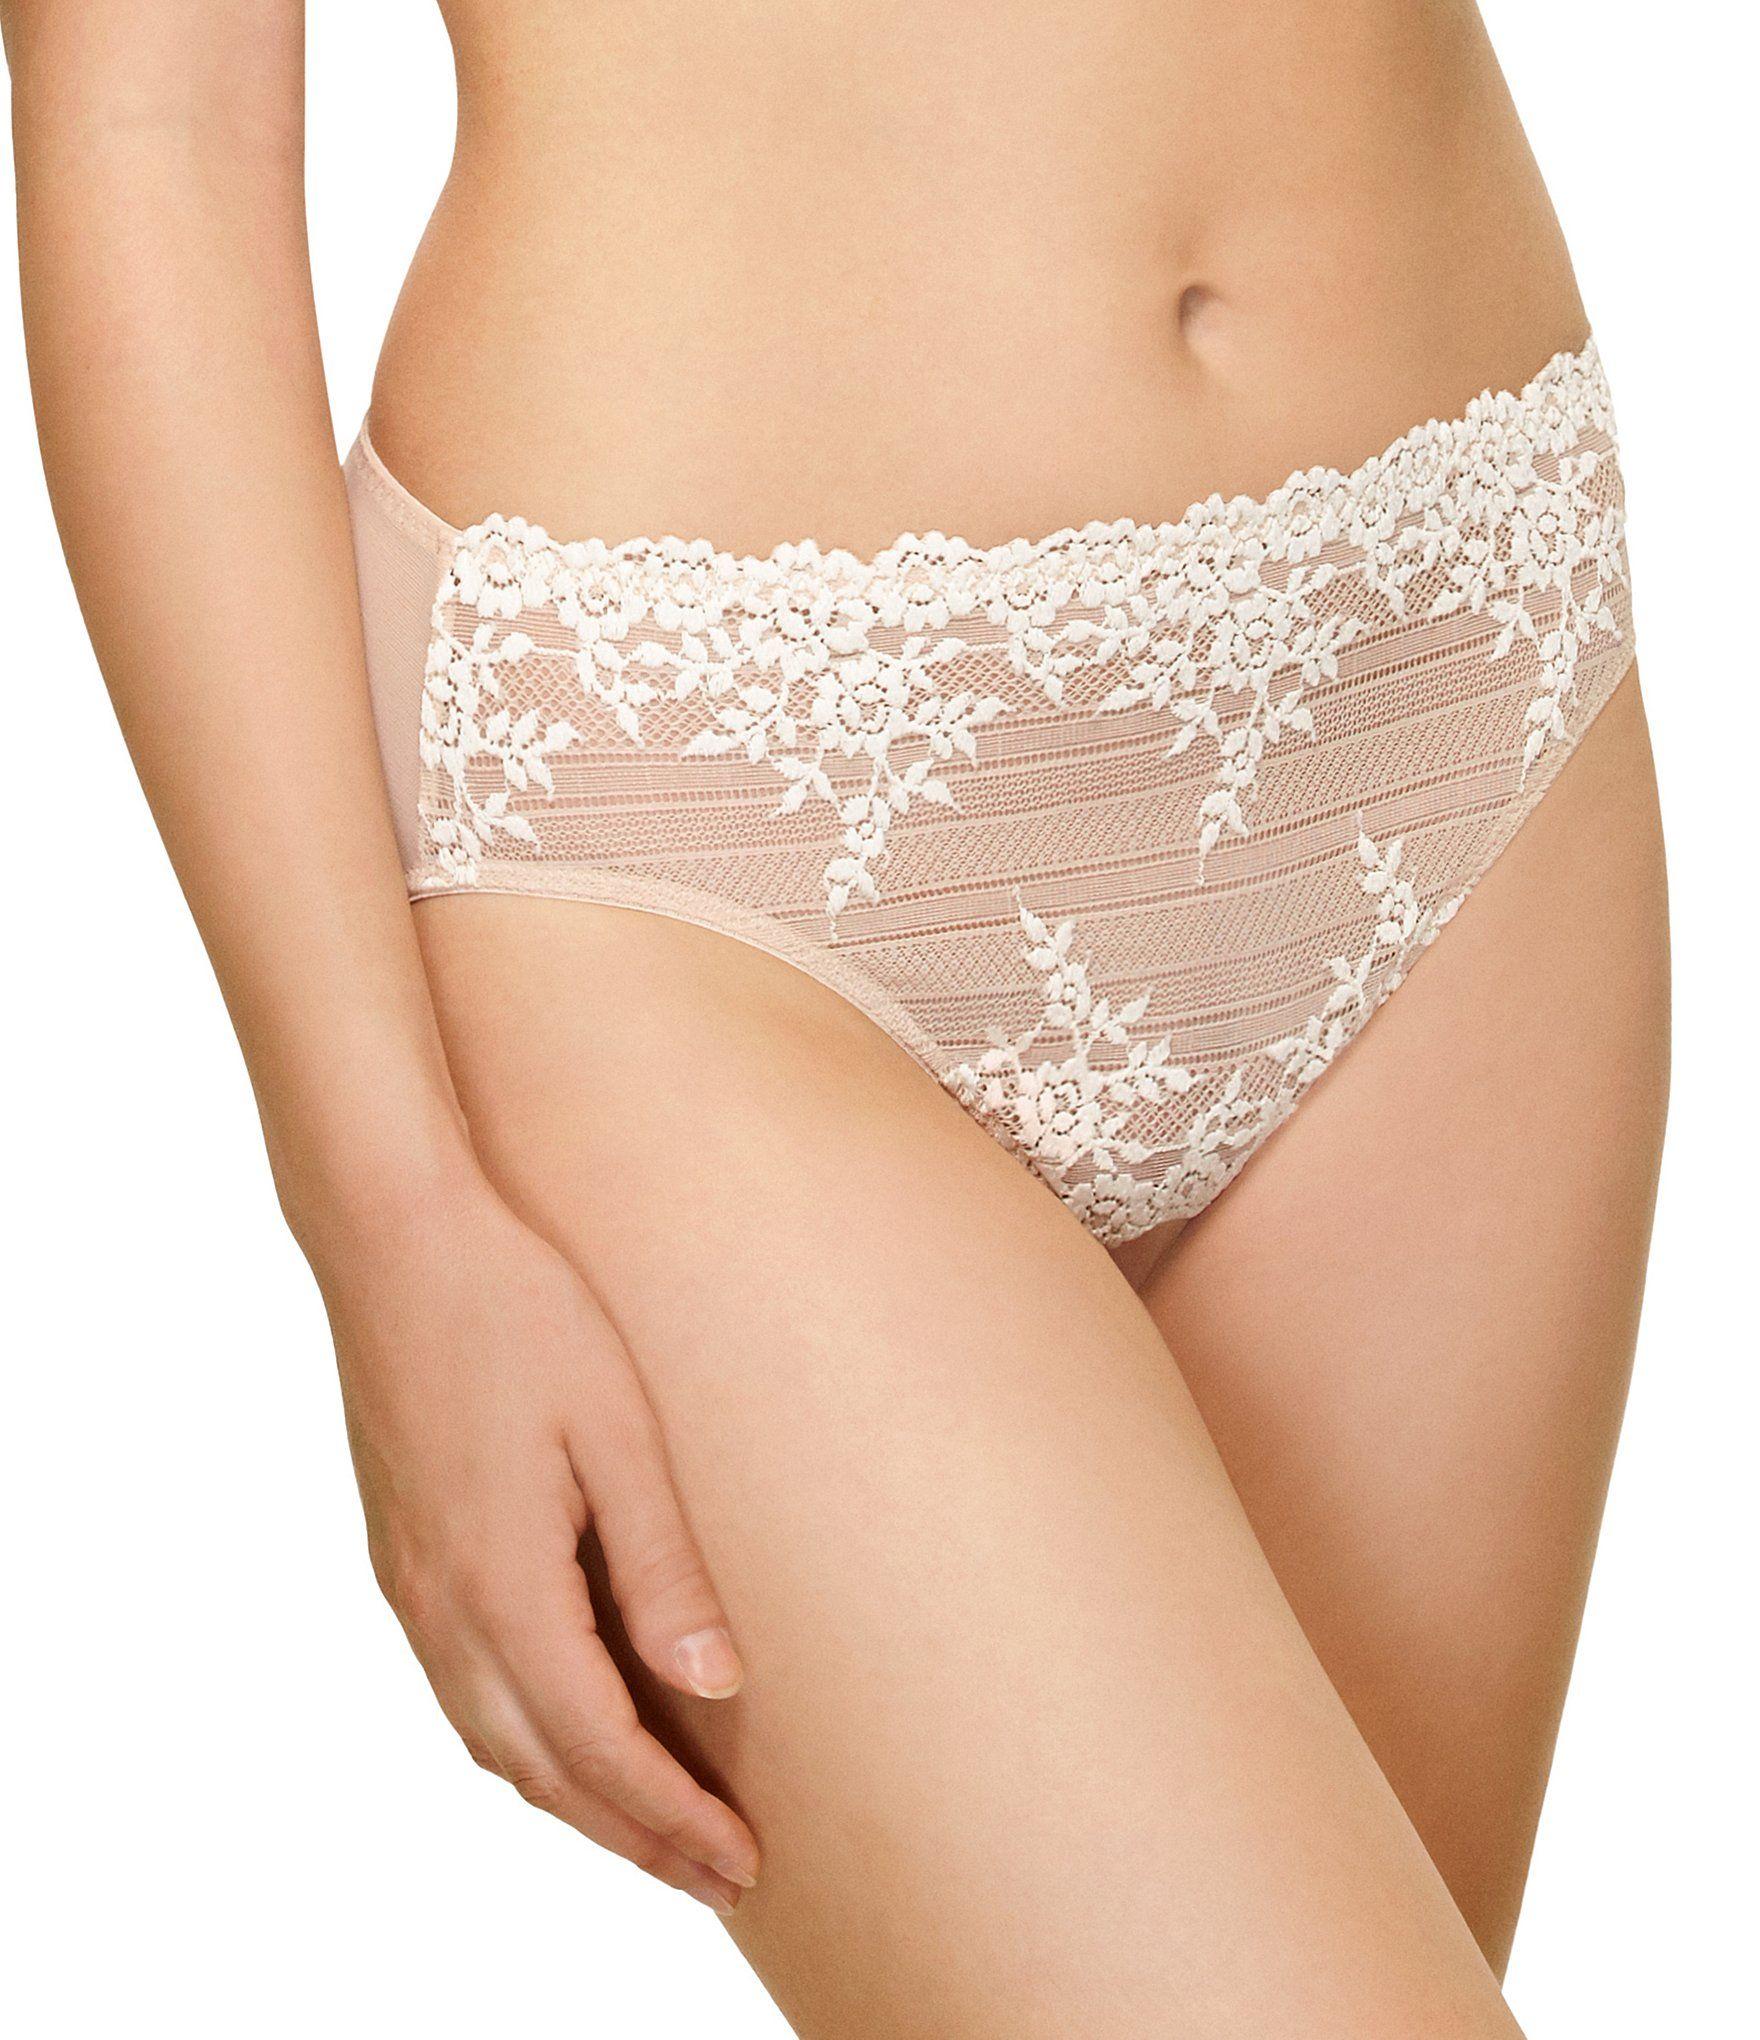 L XL M Black//White Wacoal Embrace Lace Hi-Cut Brief Size S